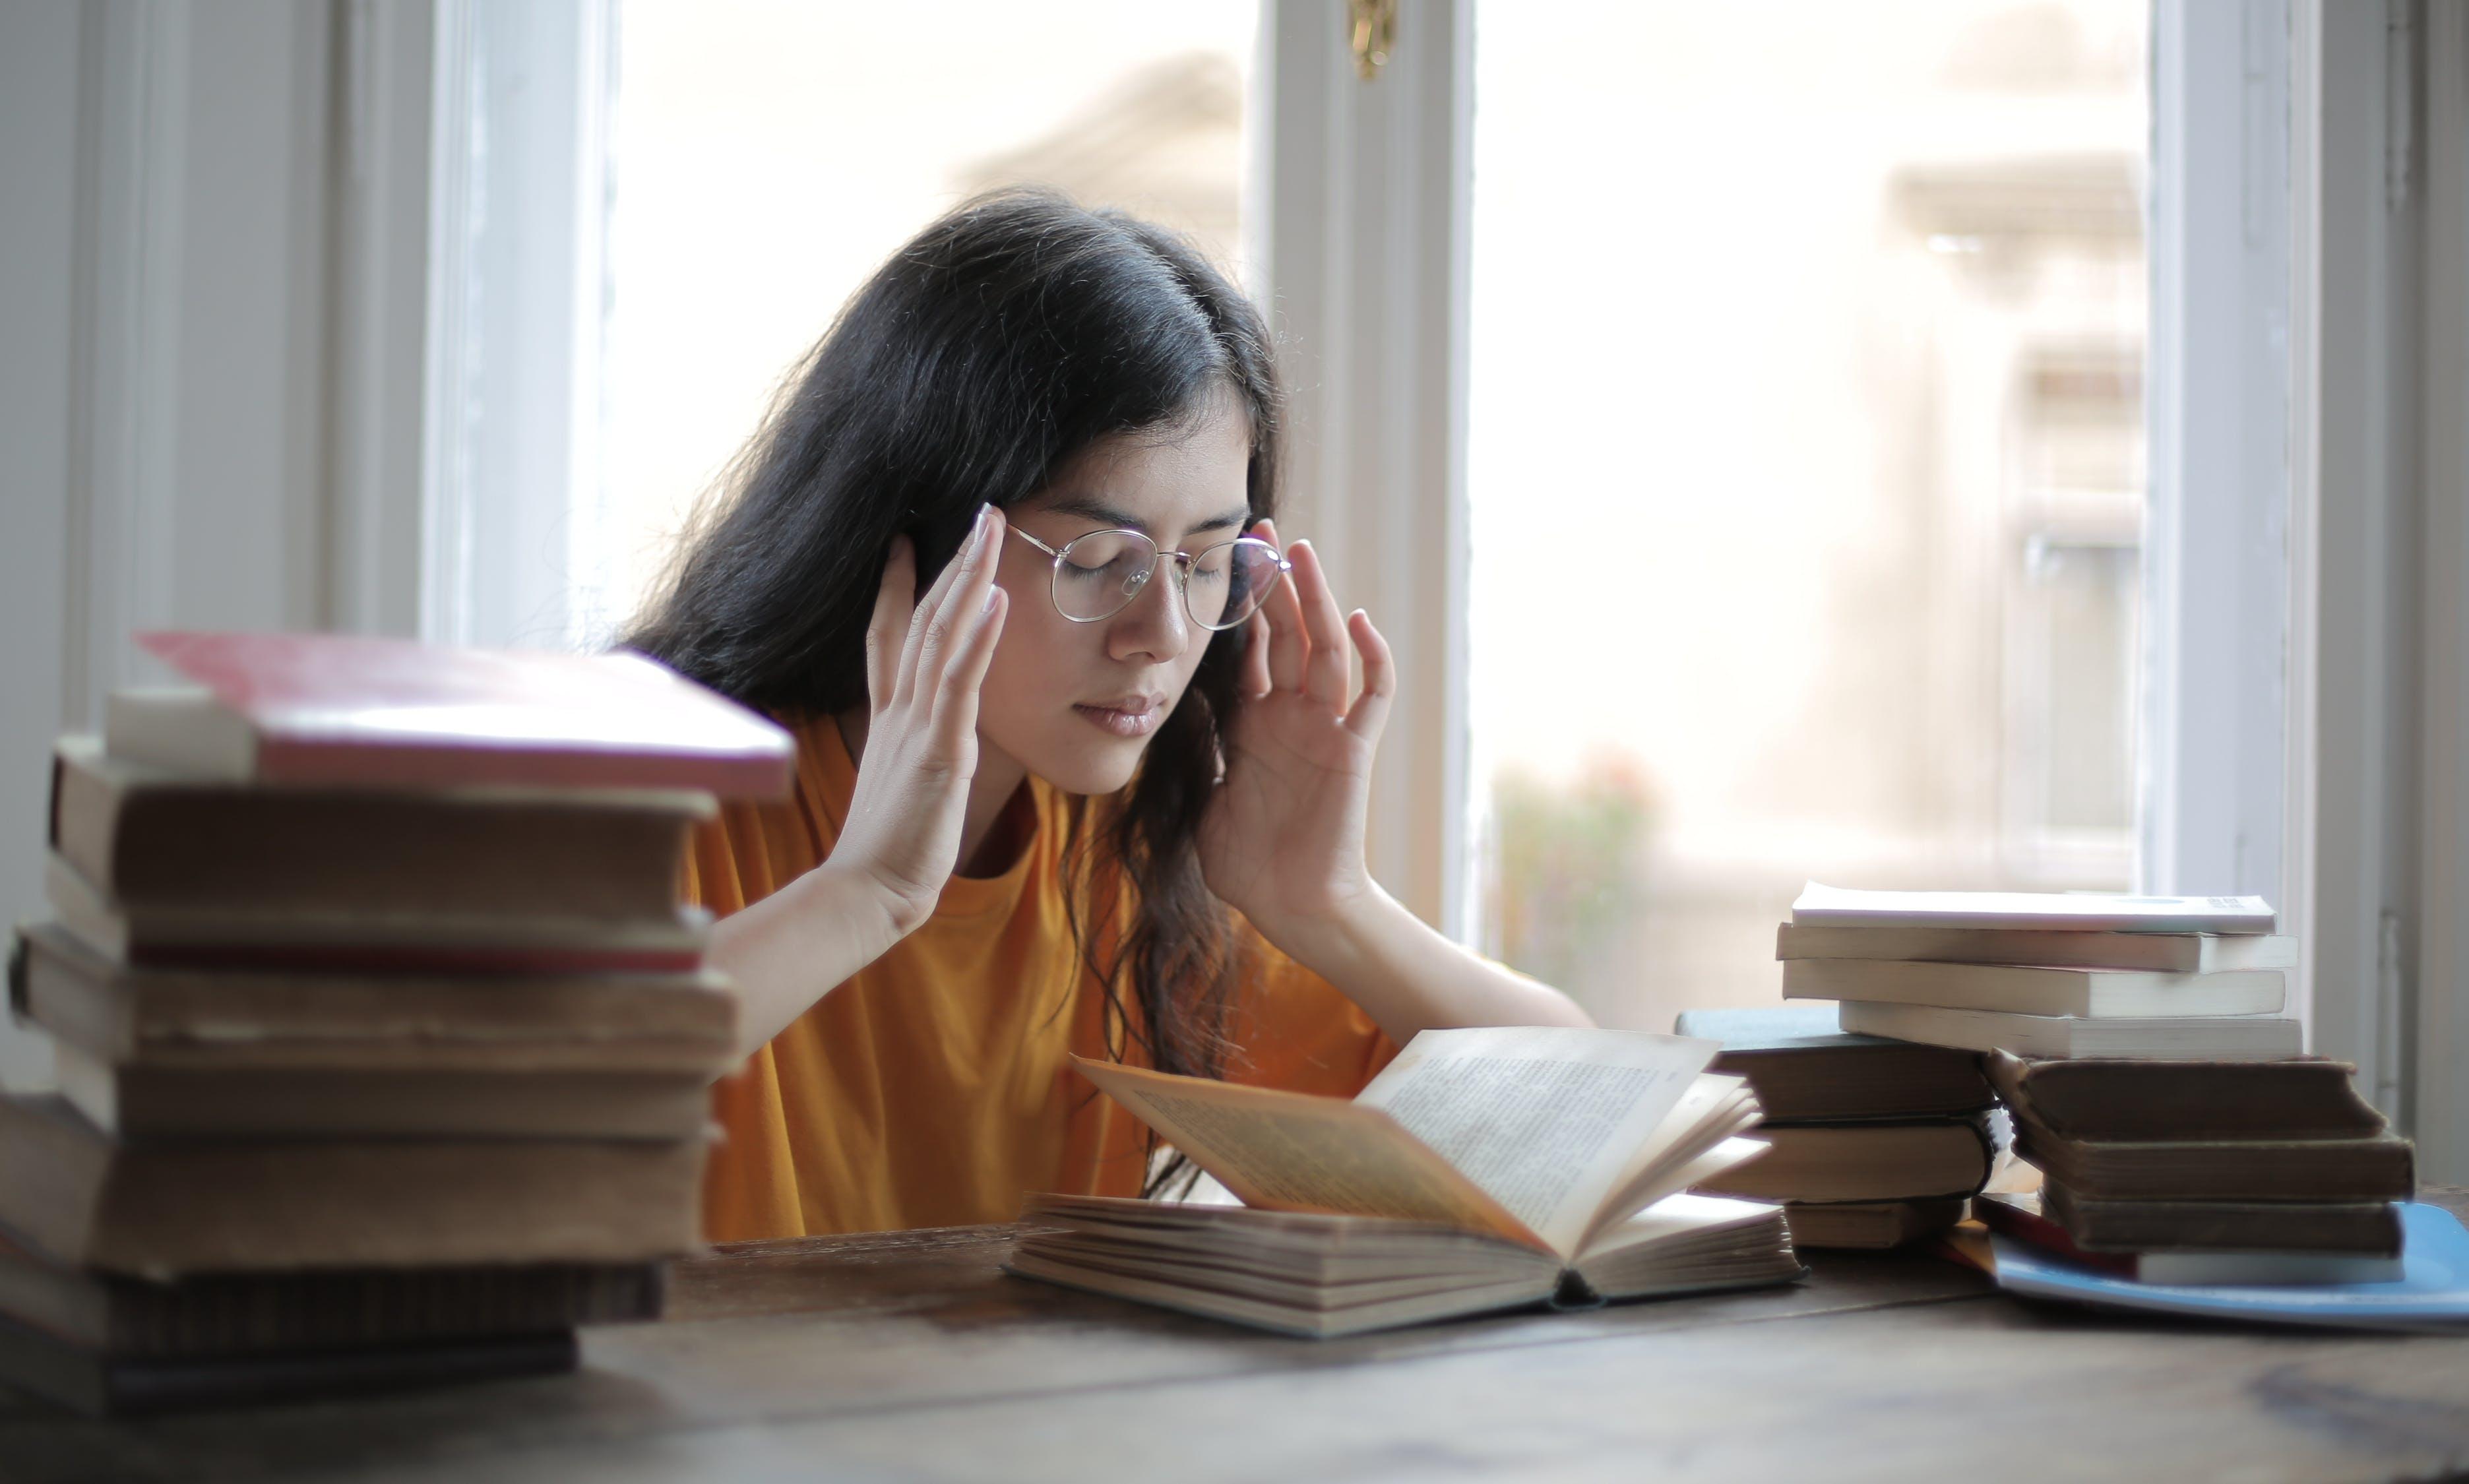 図書館で頭痛に苦しんでいる女子学生